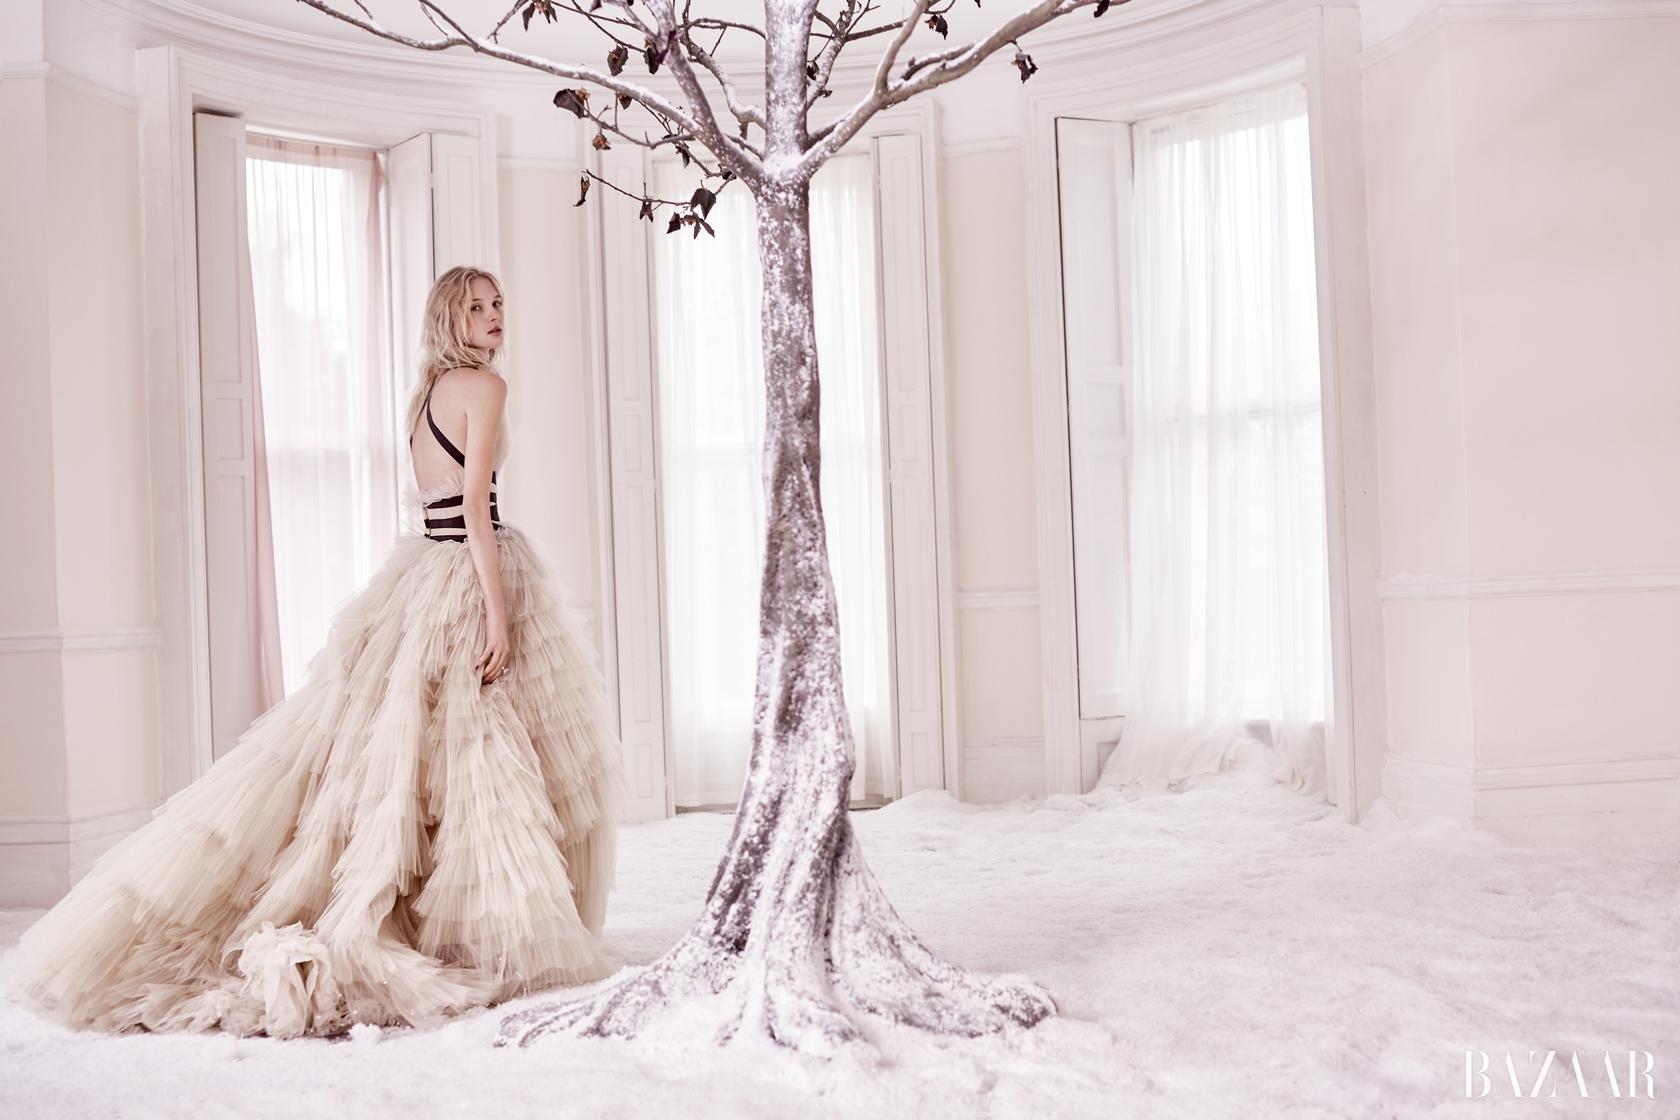 튤 드레스는 Carolina Herrera, 화이트 골드 다이아몬드 반지는 Bulgari 제품.